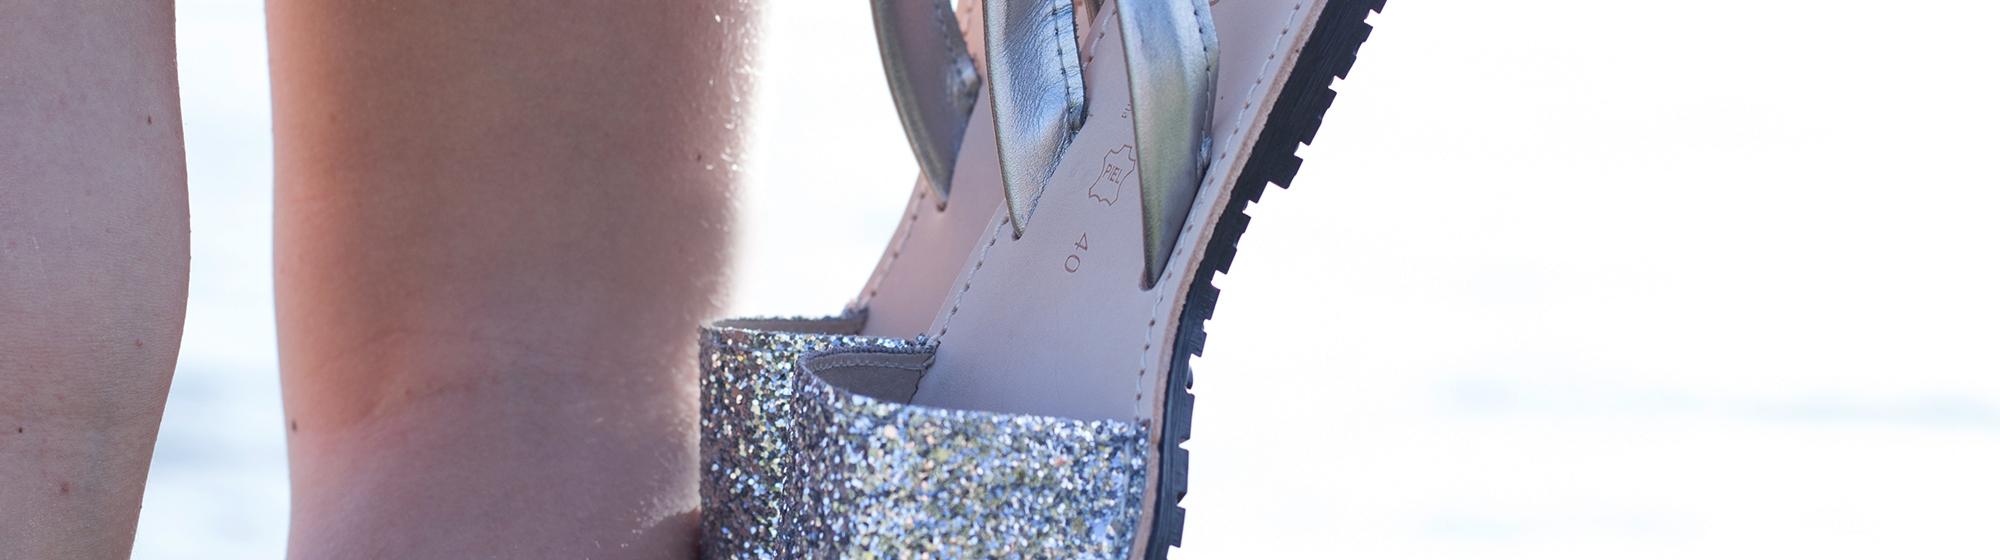 Sandale Avarca Femme